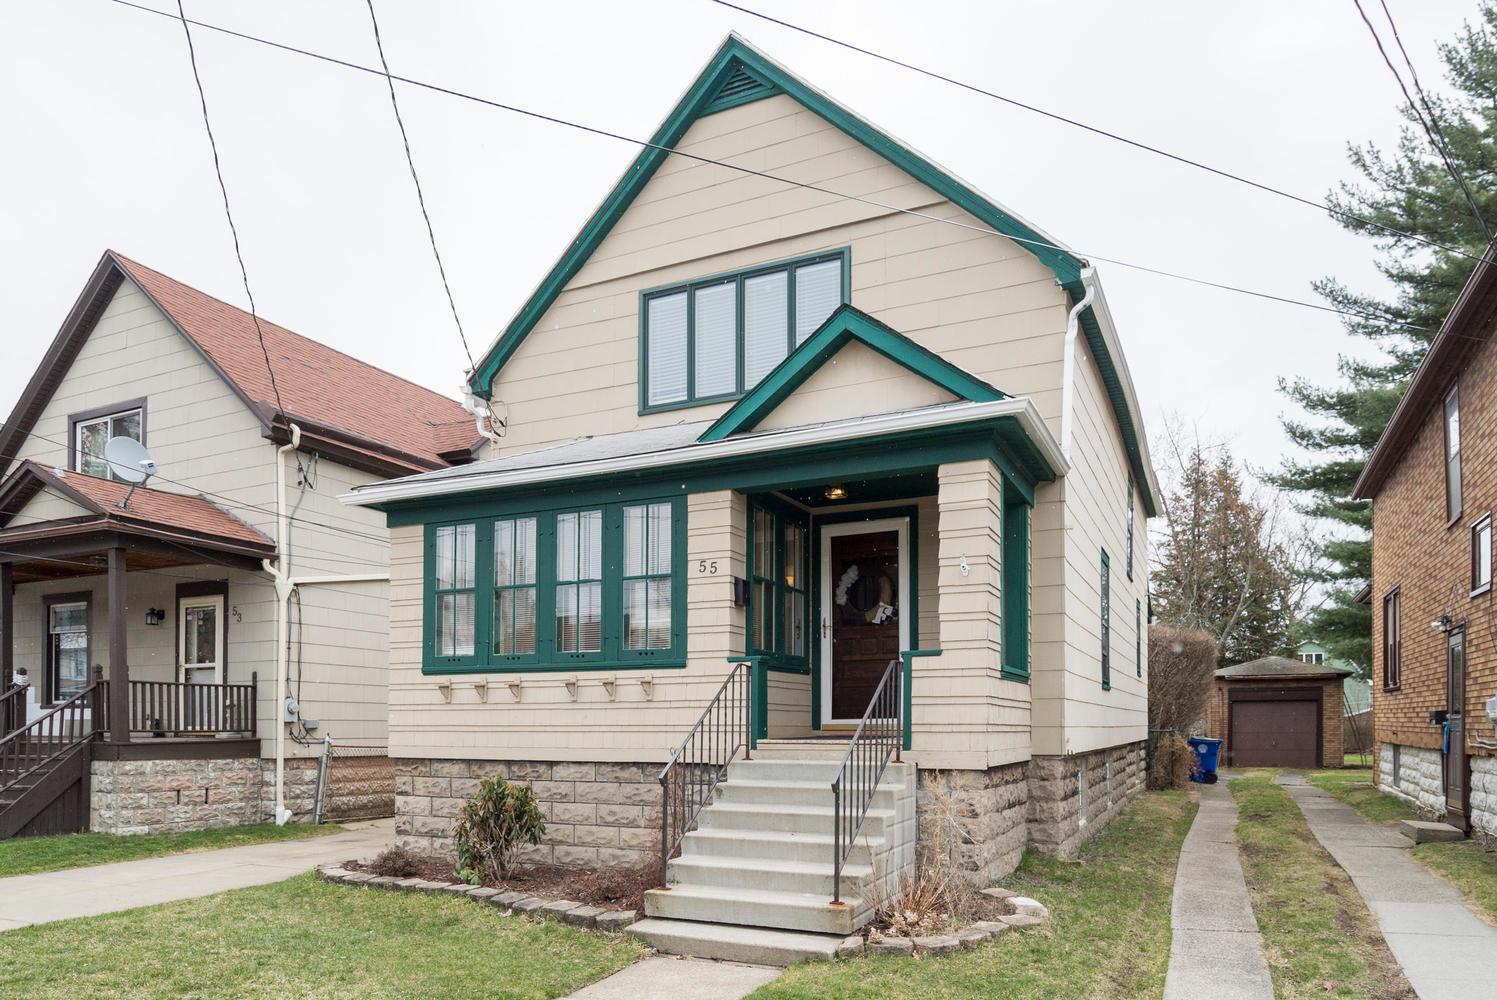 55 Benson Ave Buffalo NY 14224-large-002-15-Exterior  Front-1498x1000-72dpi